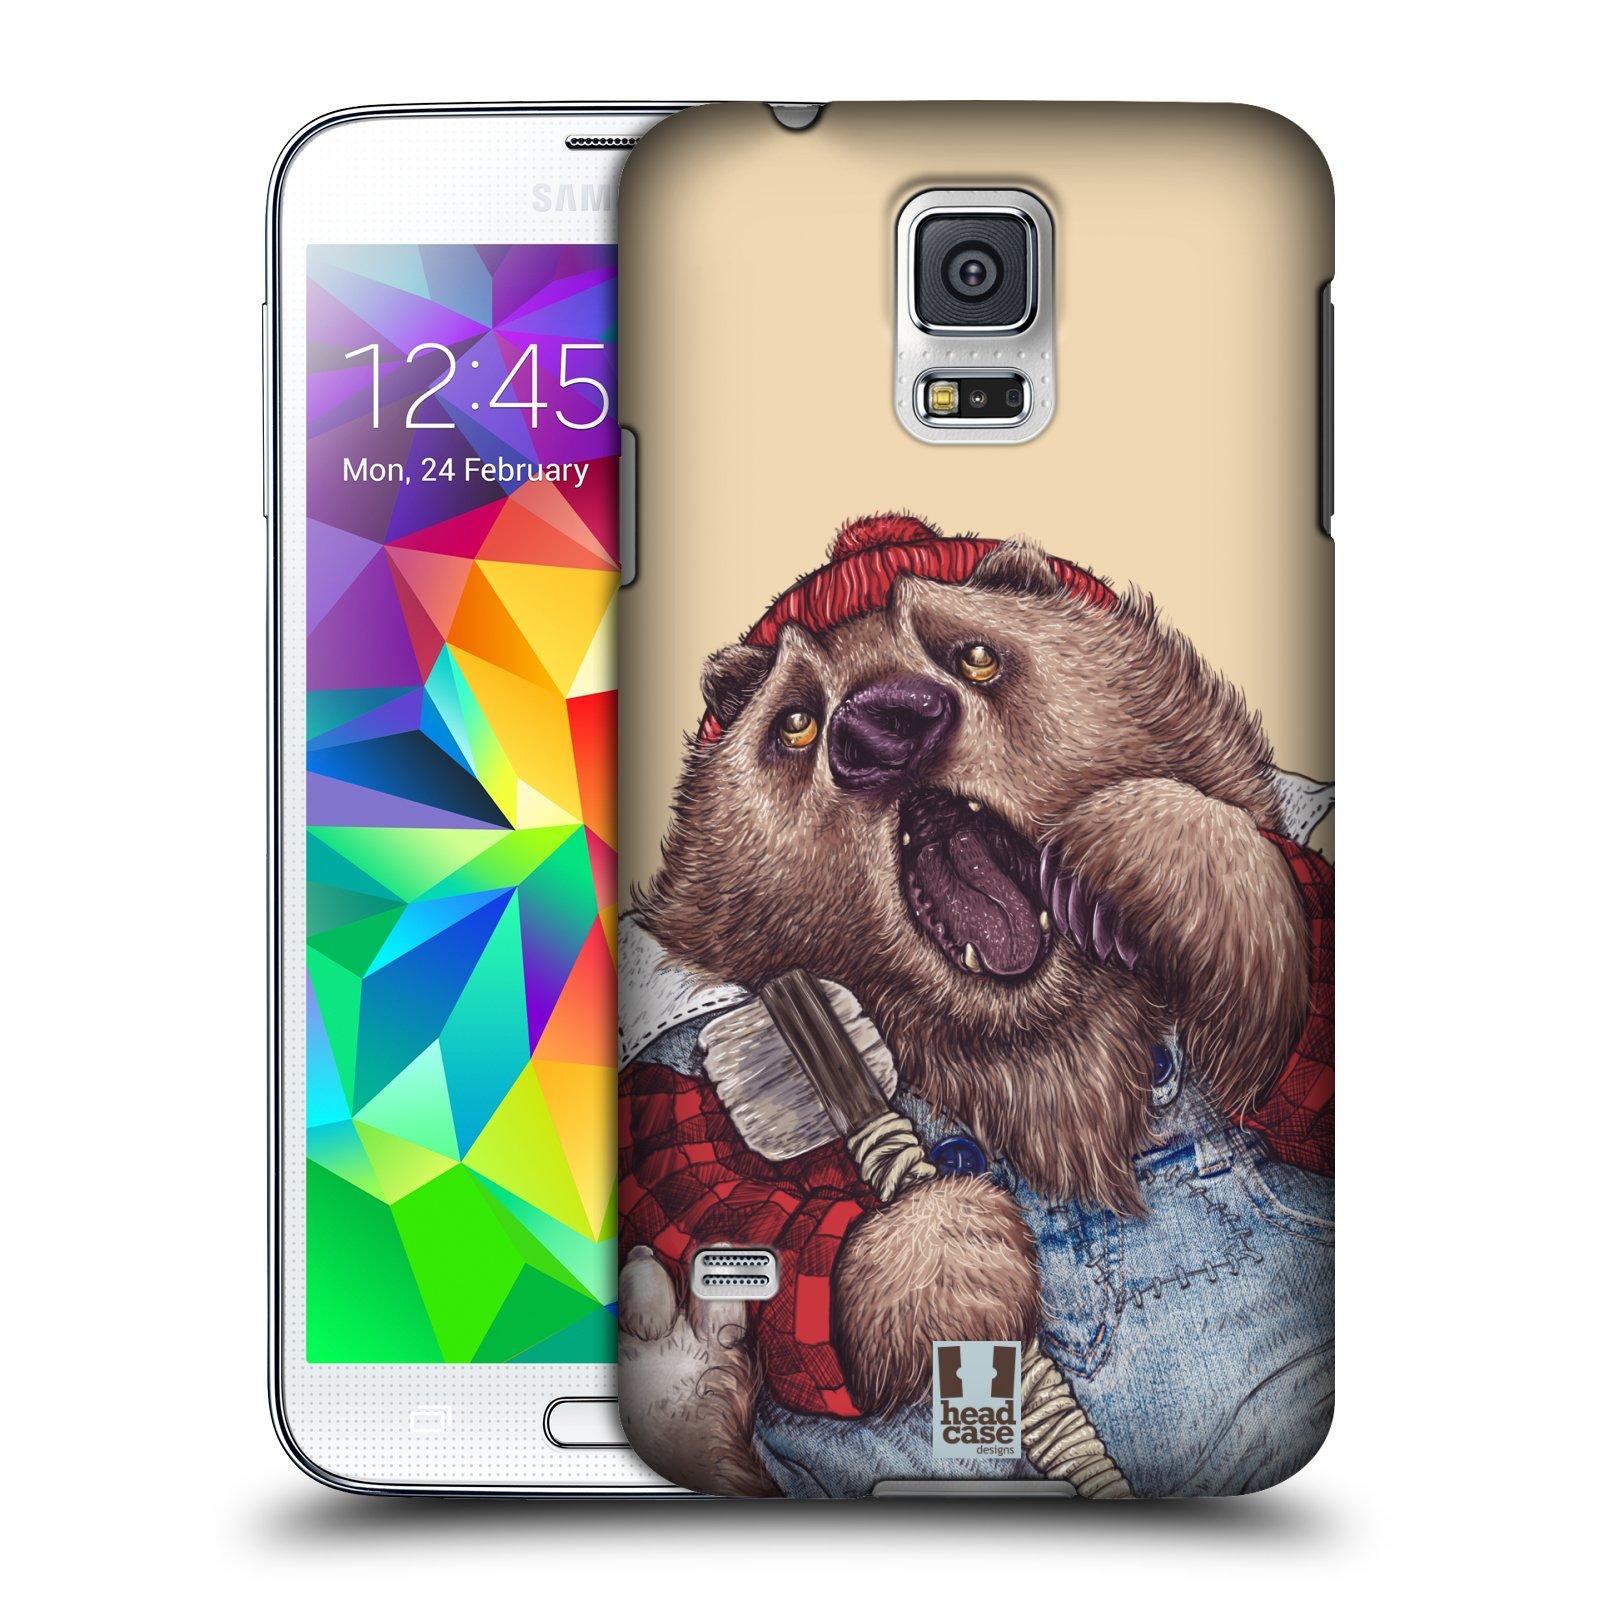 Plastové pouzdro na mobil Samsung Galaxy S5 HEAD CASE ANIMPLA MEDVĚD